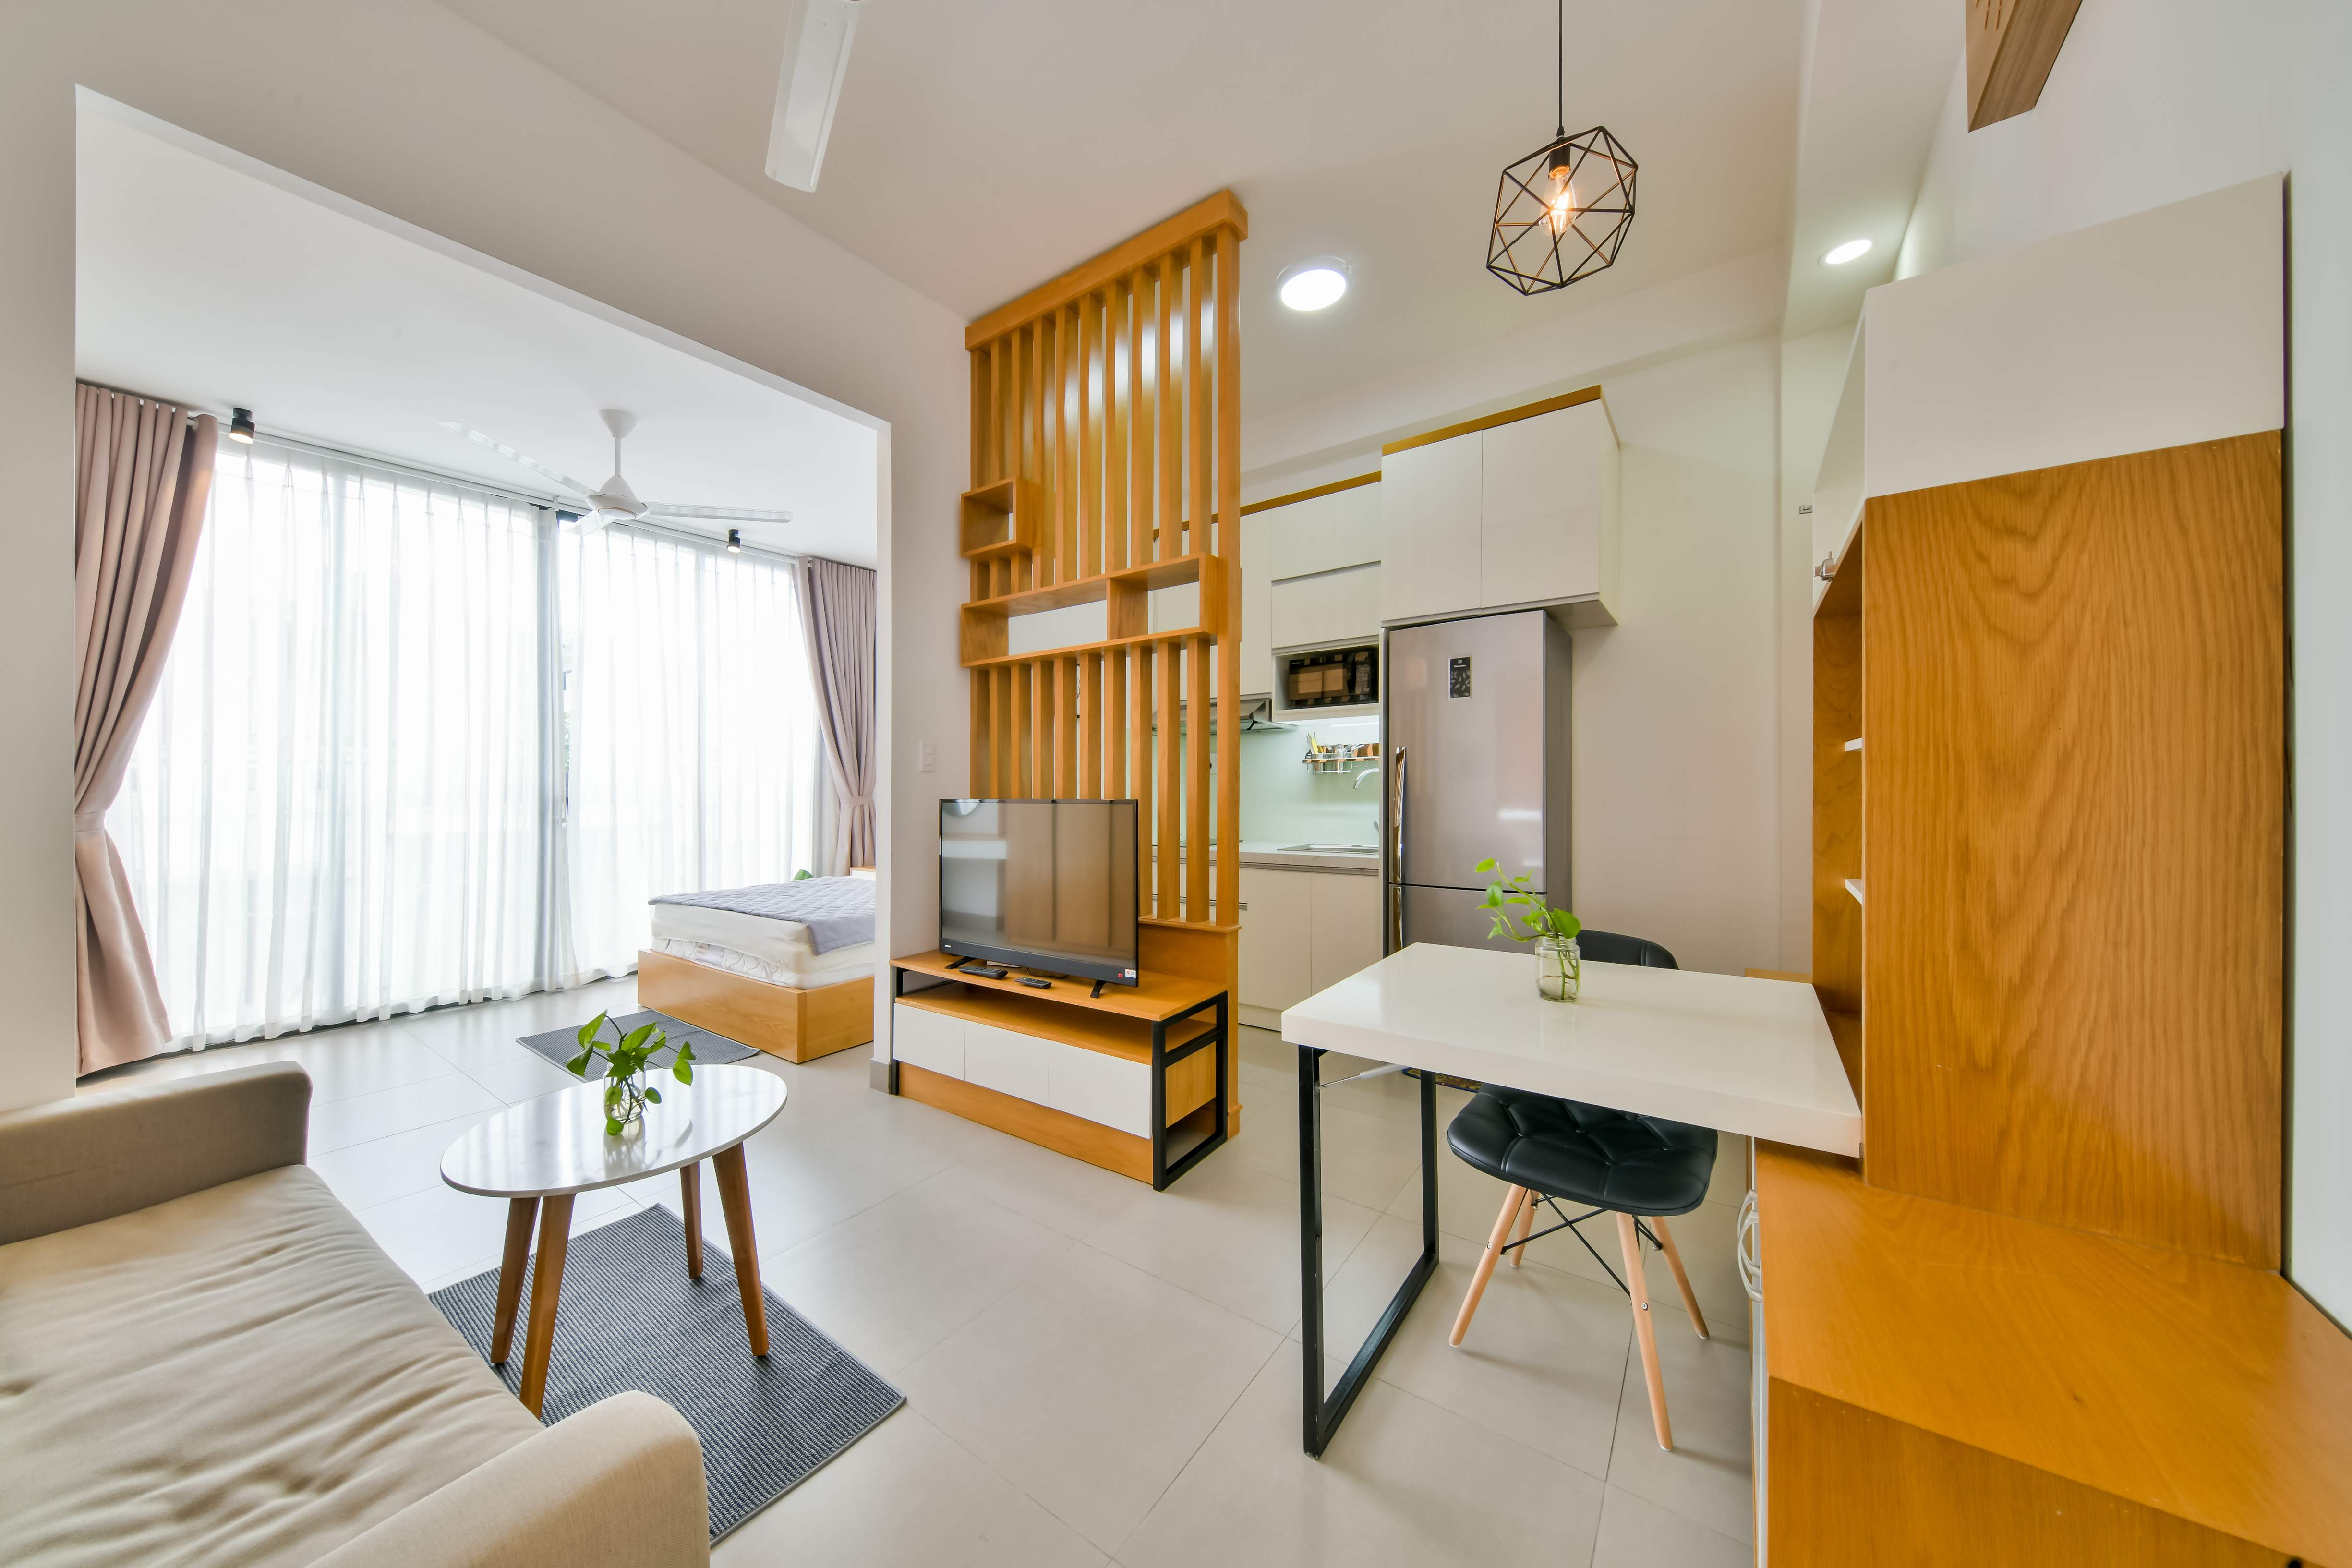 Căn hộ dịch vụ tại quận 2 đường số 4 Thảo Điền Căn 3.01 diện tích 40m2 đầy đủ nội thất